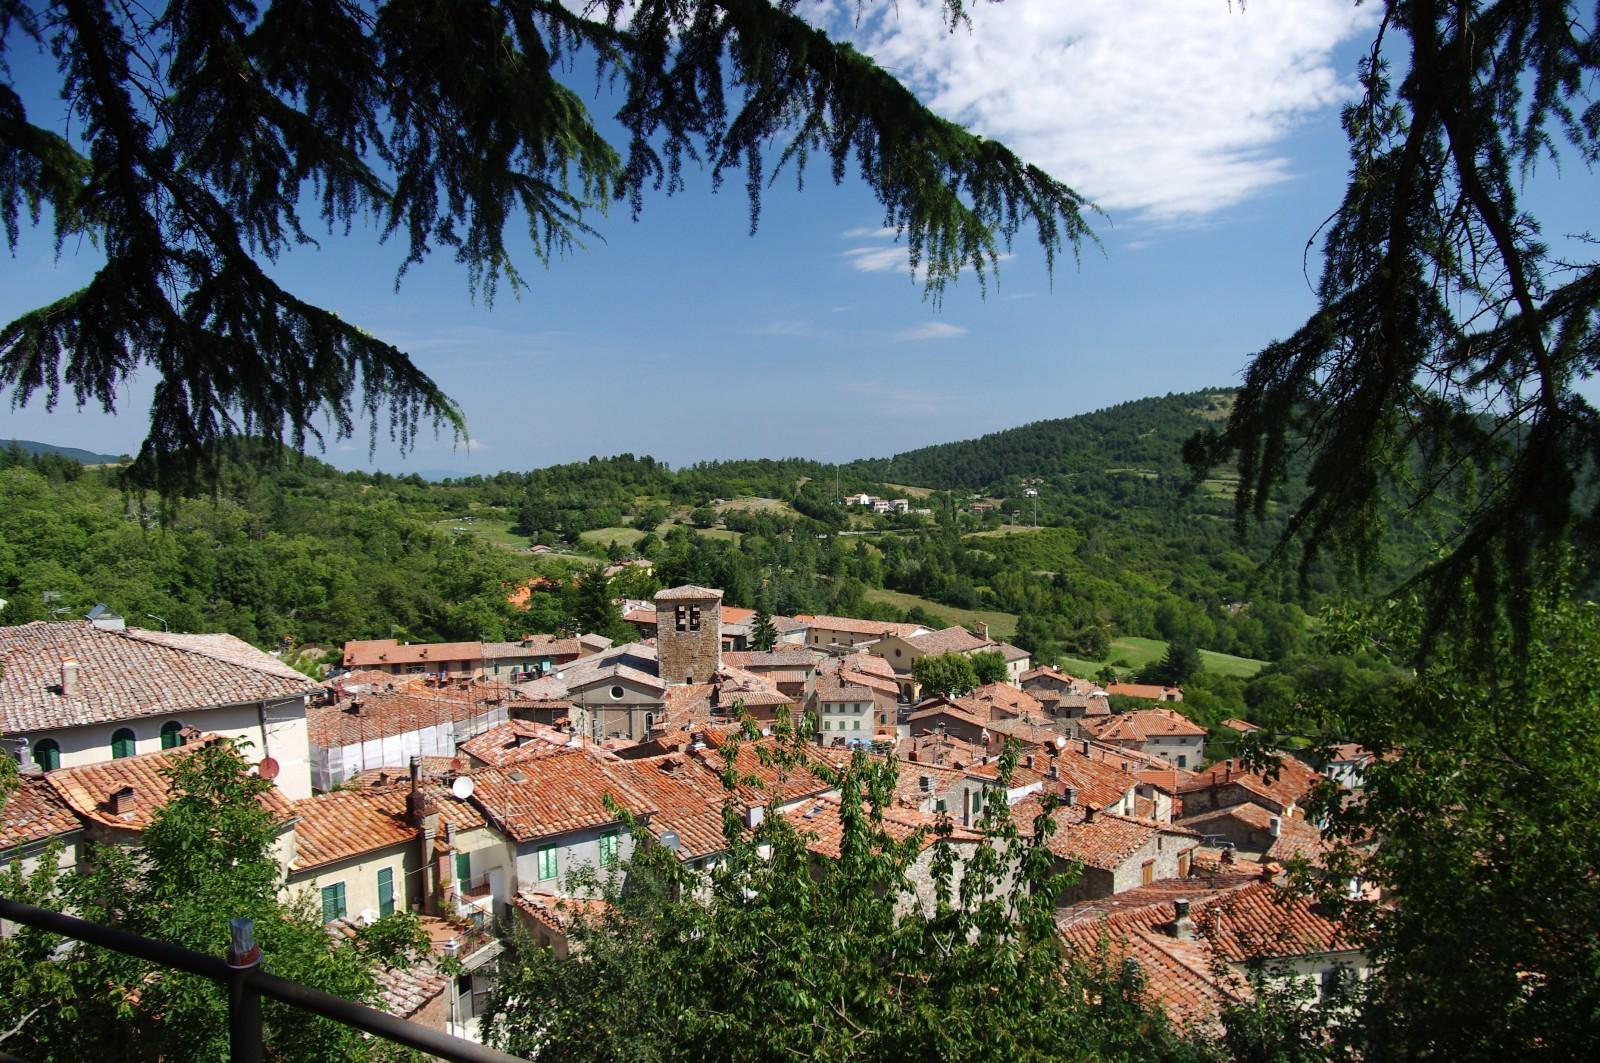 Una imagen del característico pueblo italiano